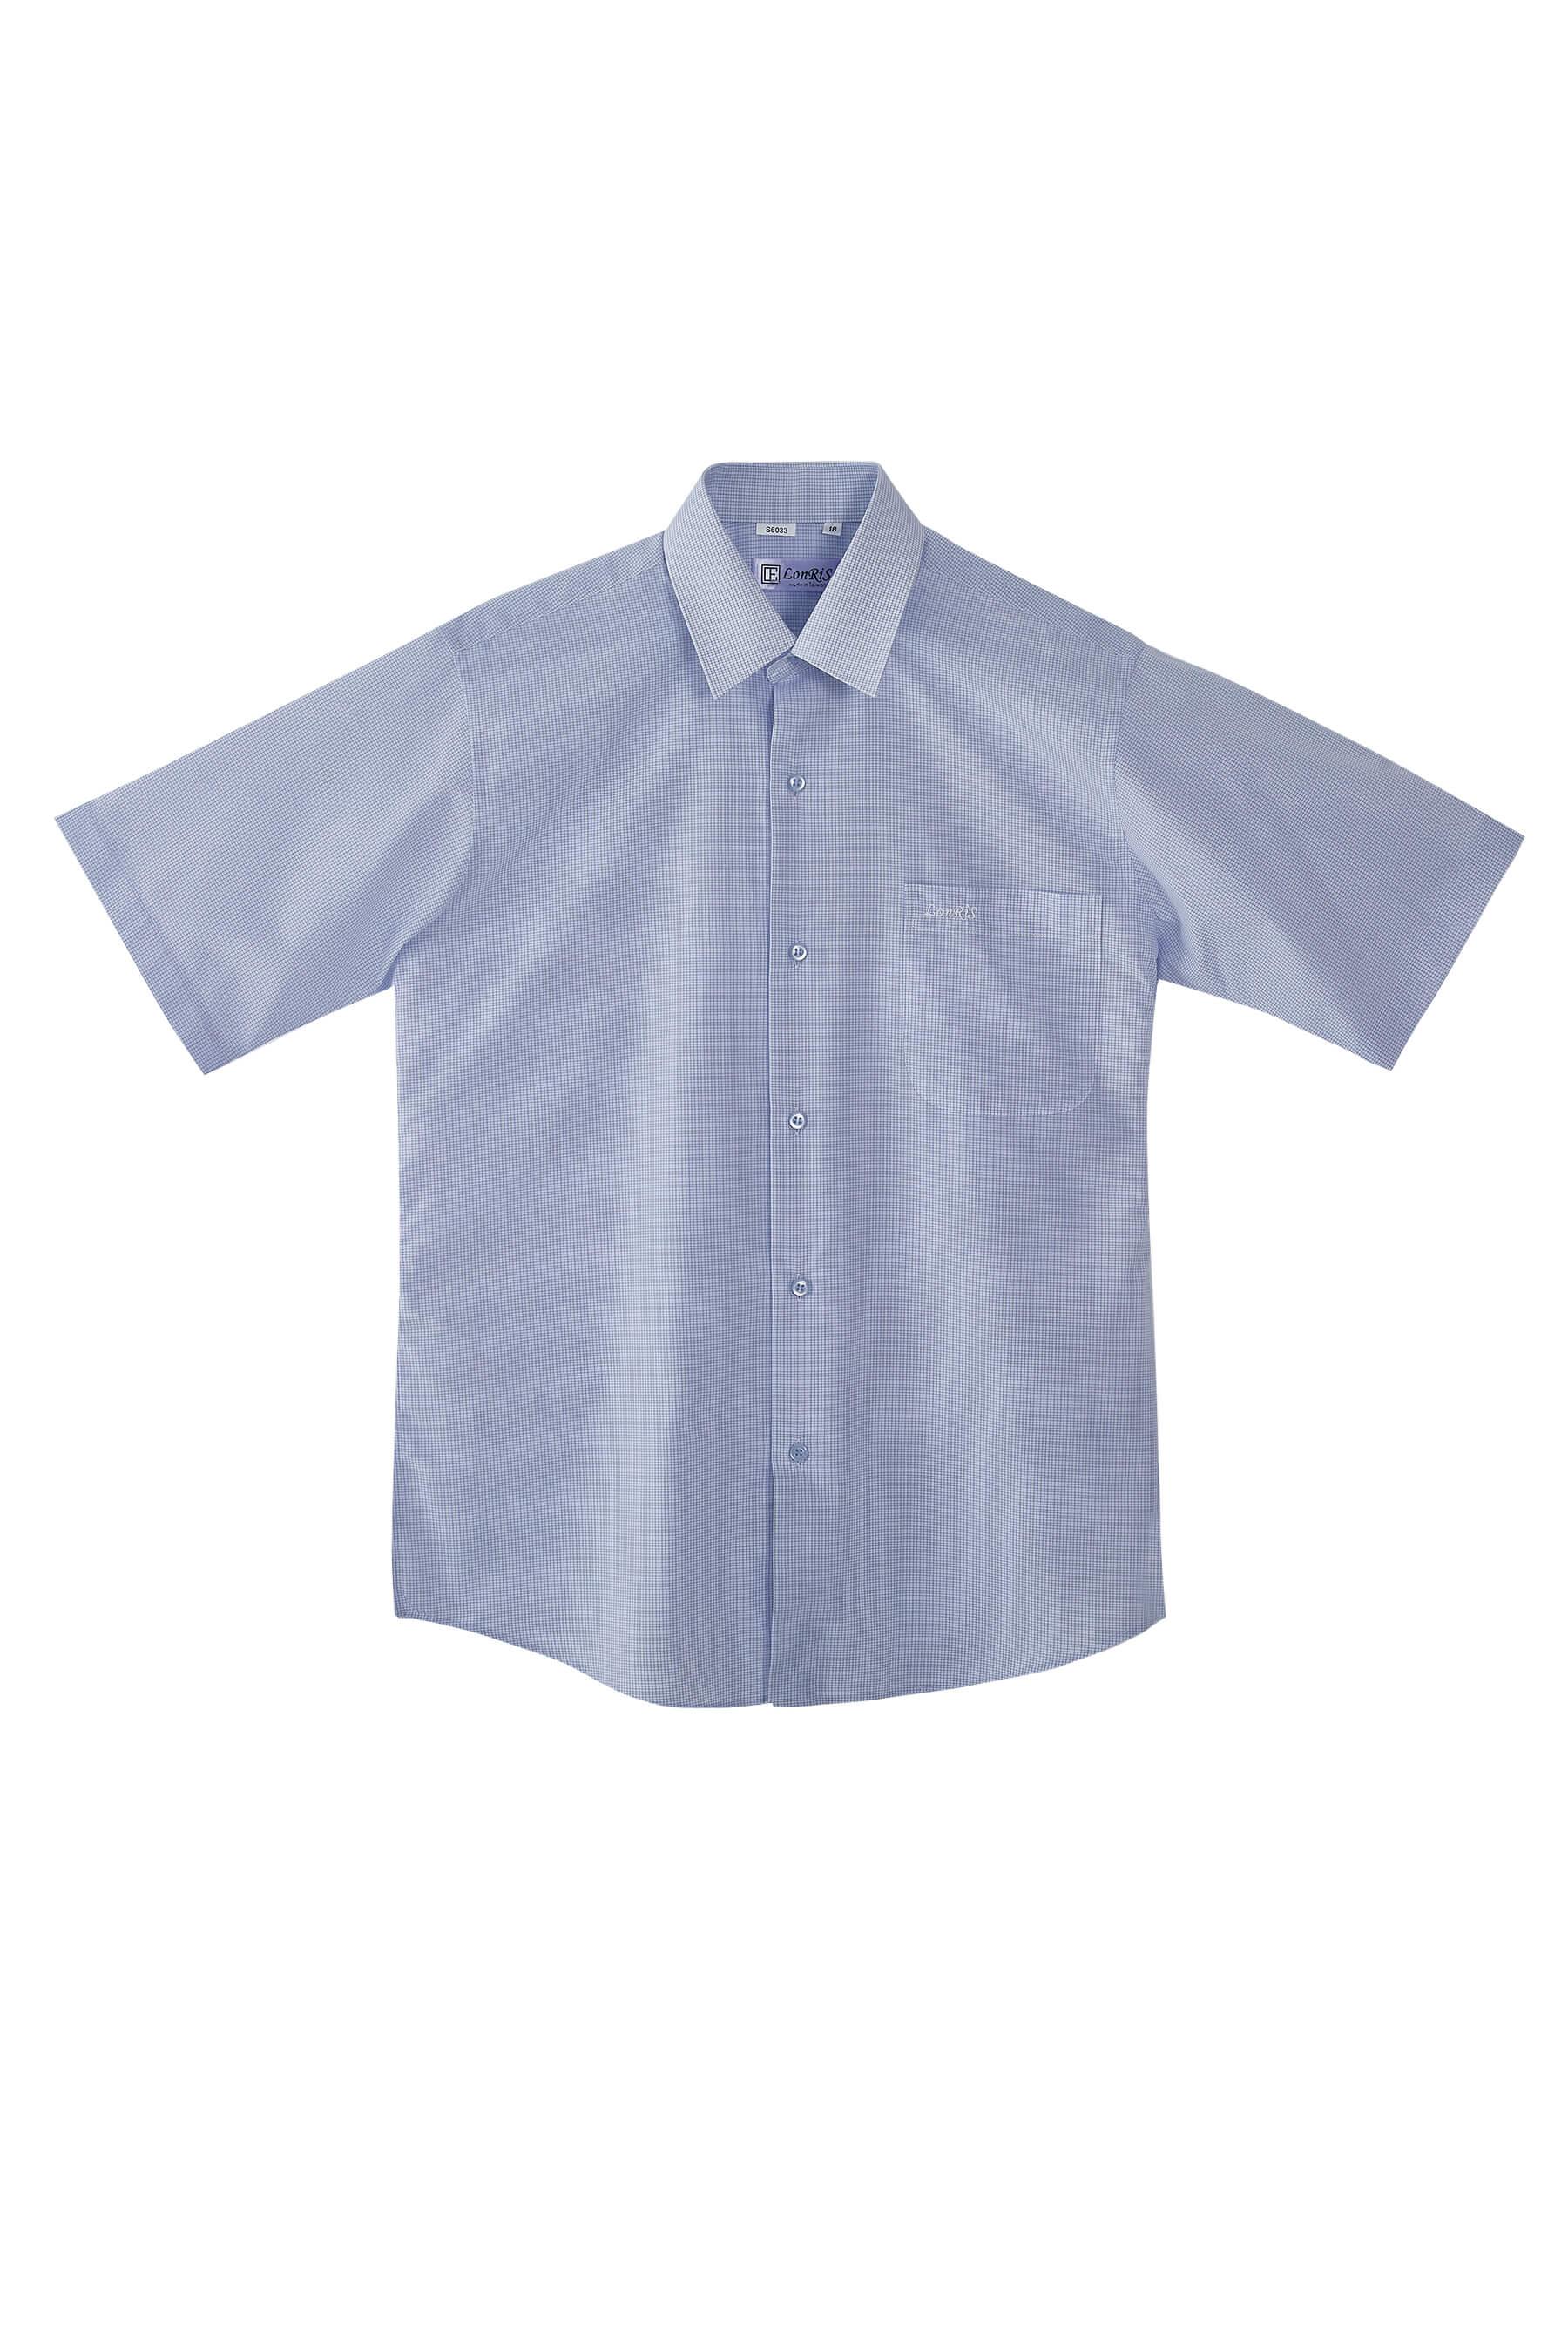 灰藍細格紋棉質短袖襯衫/舒適透氣